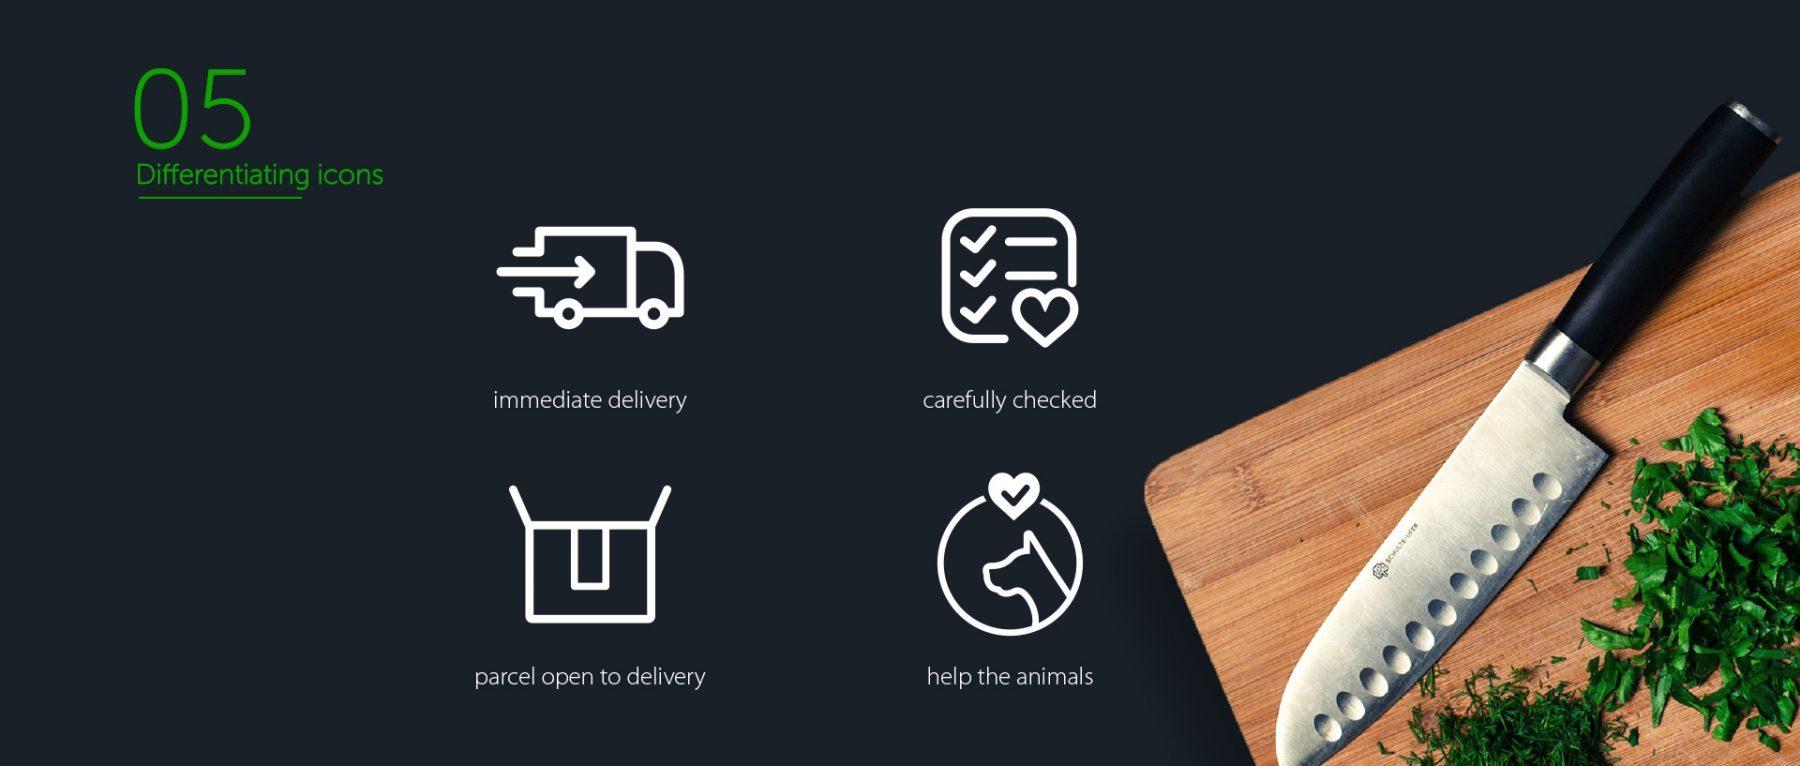 Go Veggie website icons design